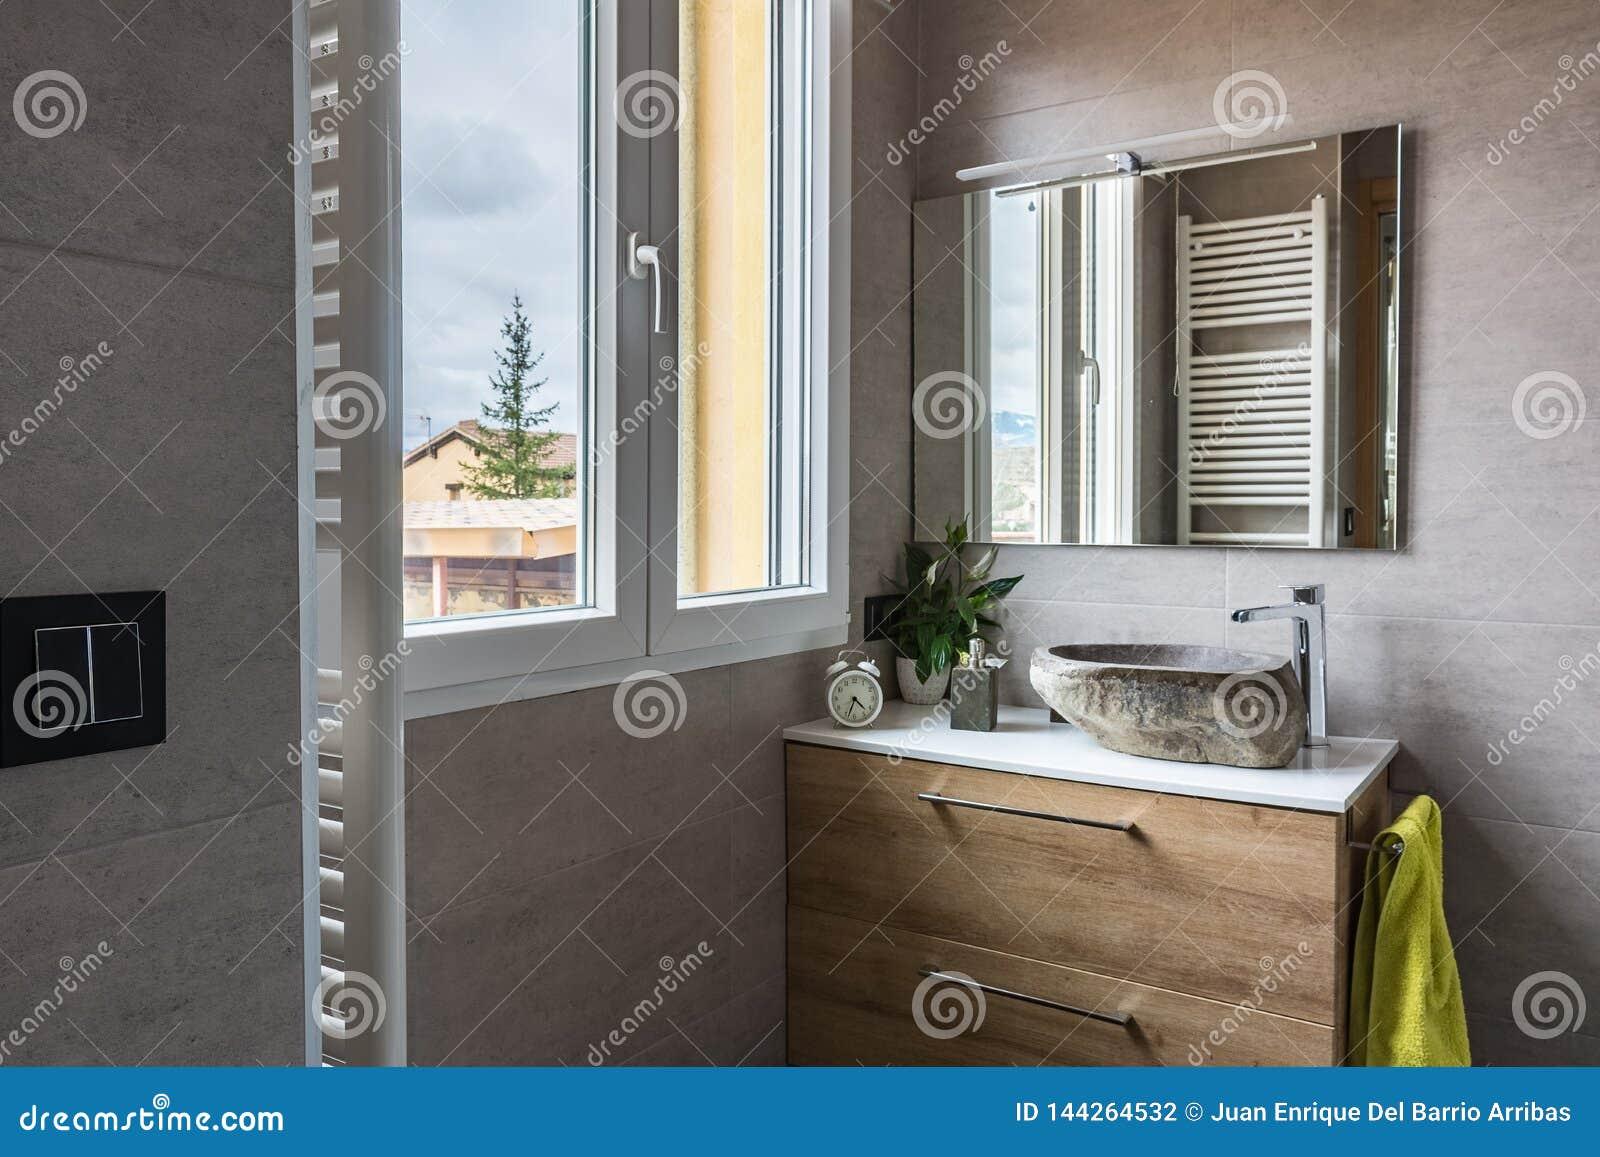 Salle De Bains Moderne Et Contemporaine Photo stock - Image ...